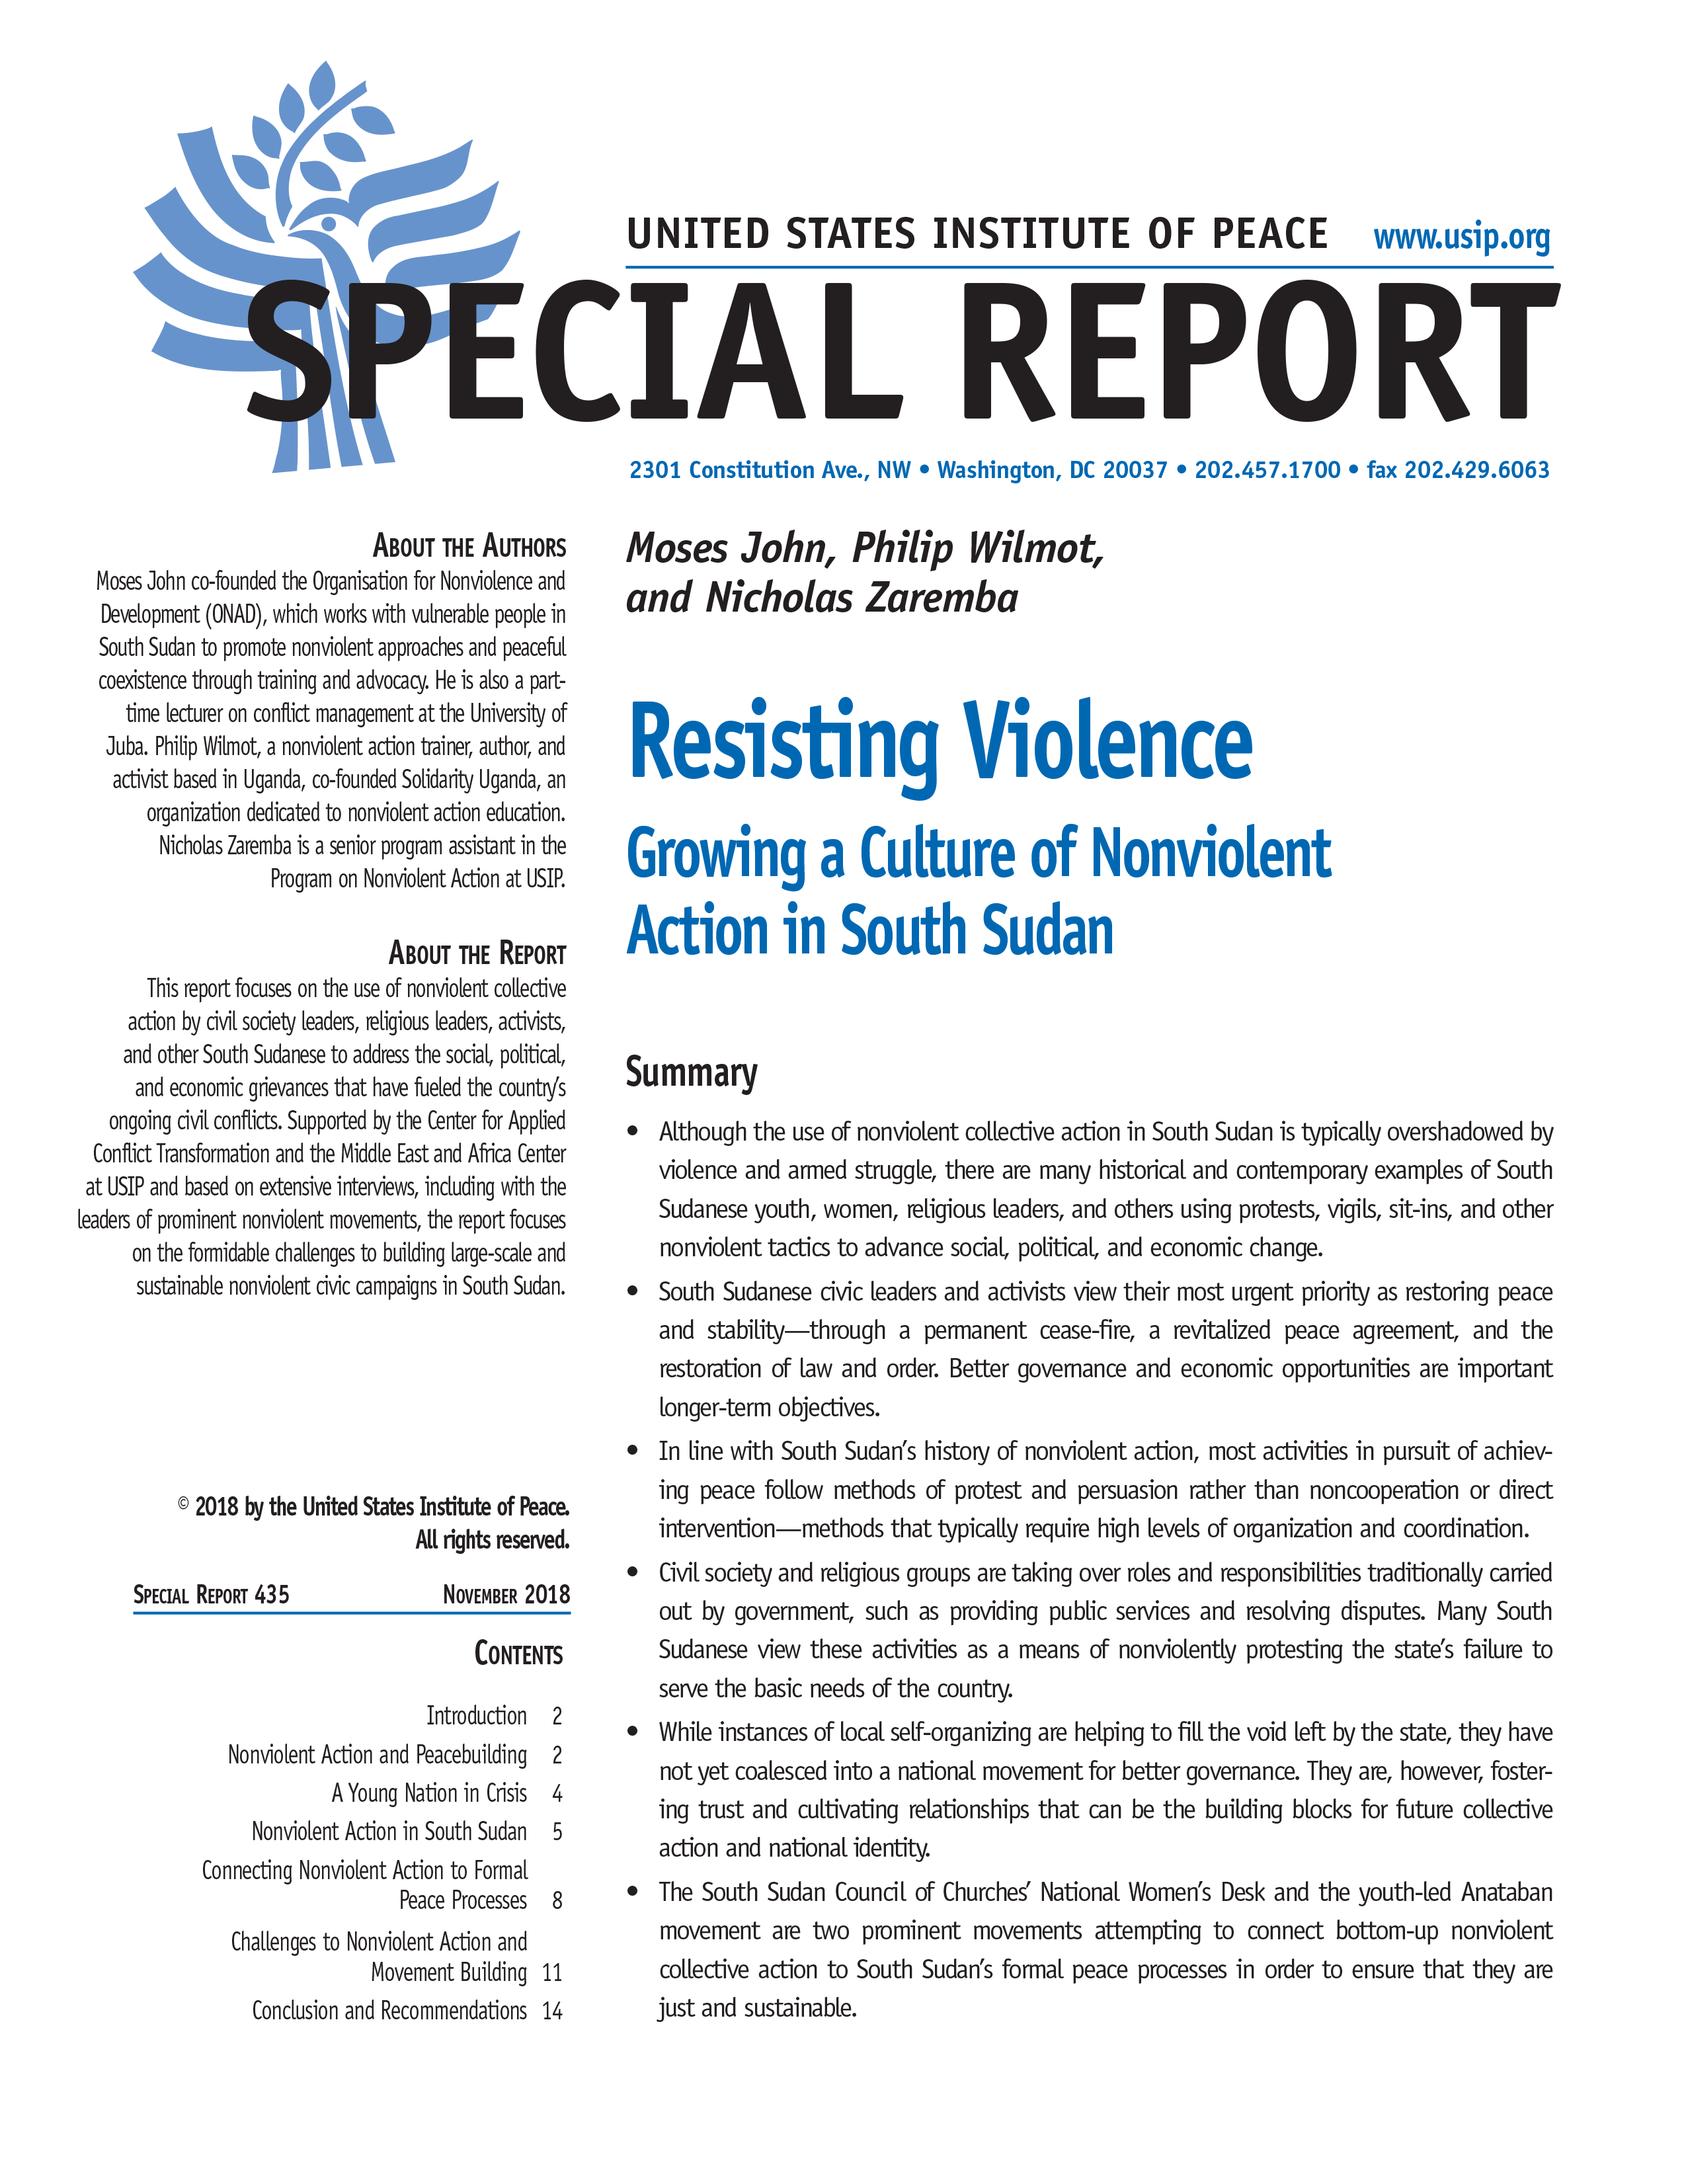 Creating a Nonviolent Culture in a Modern Organization